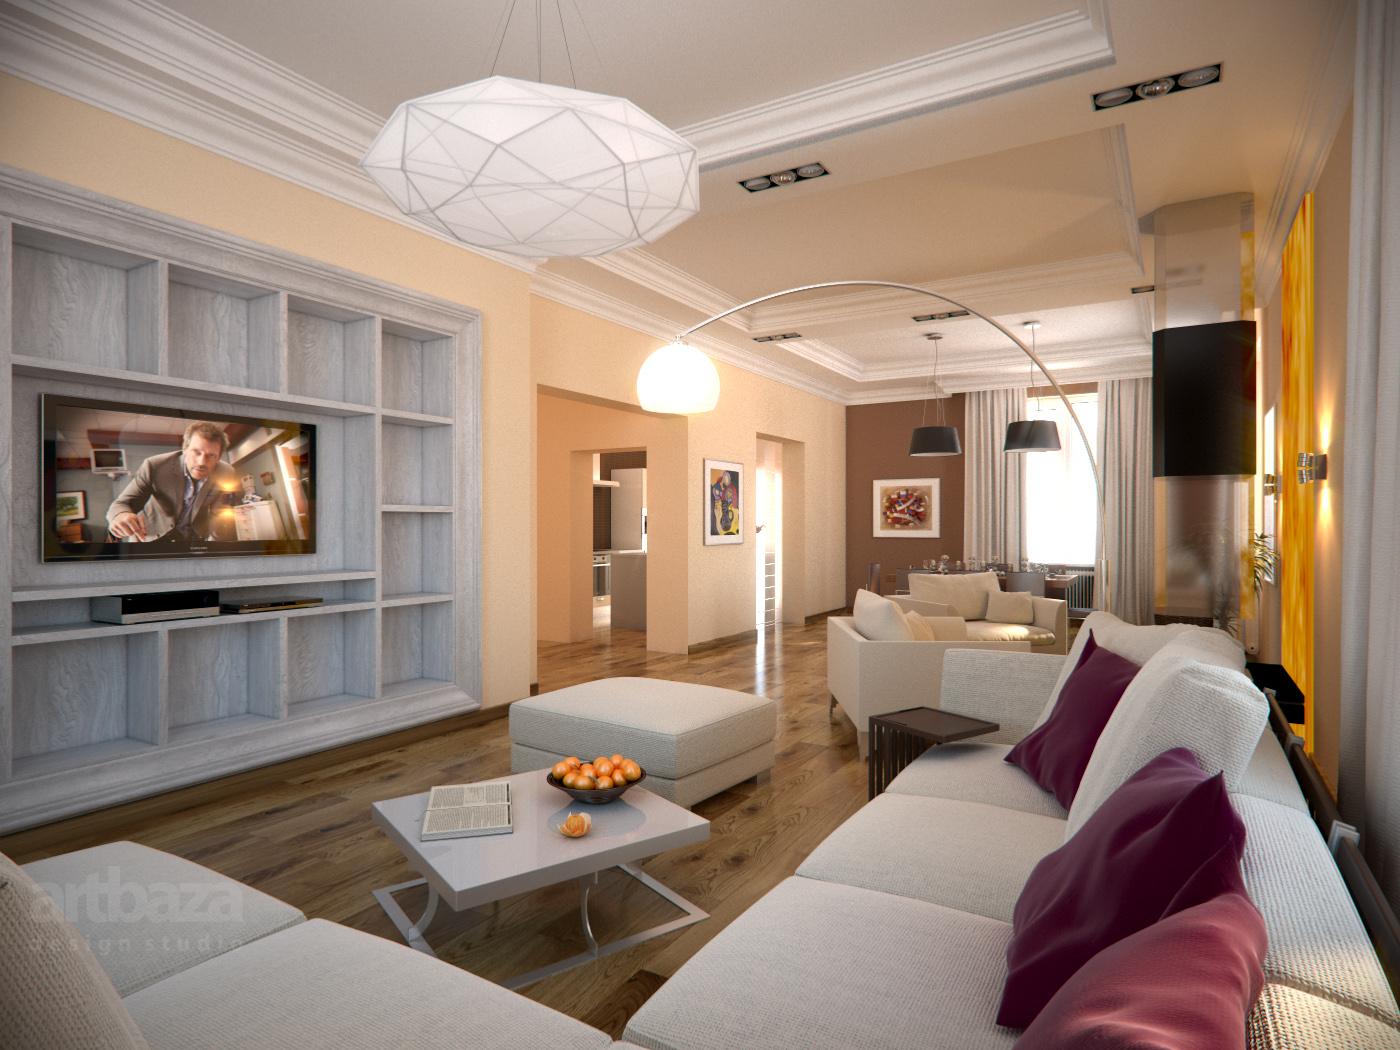 Качественное освещение в интерьере комнаты